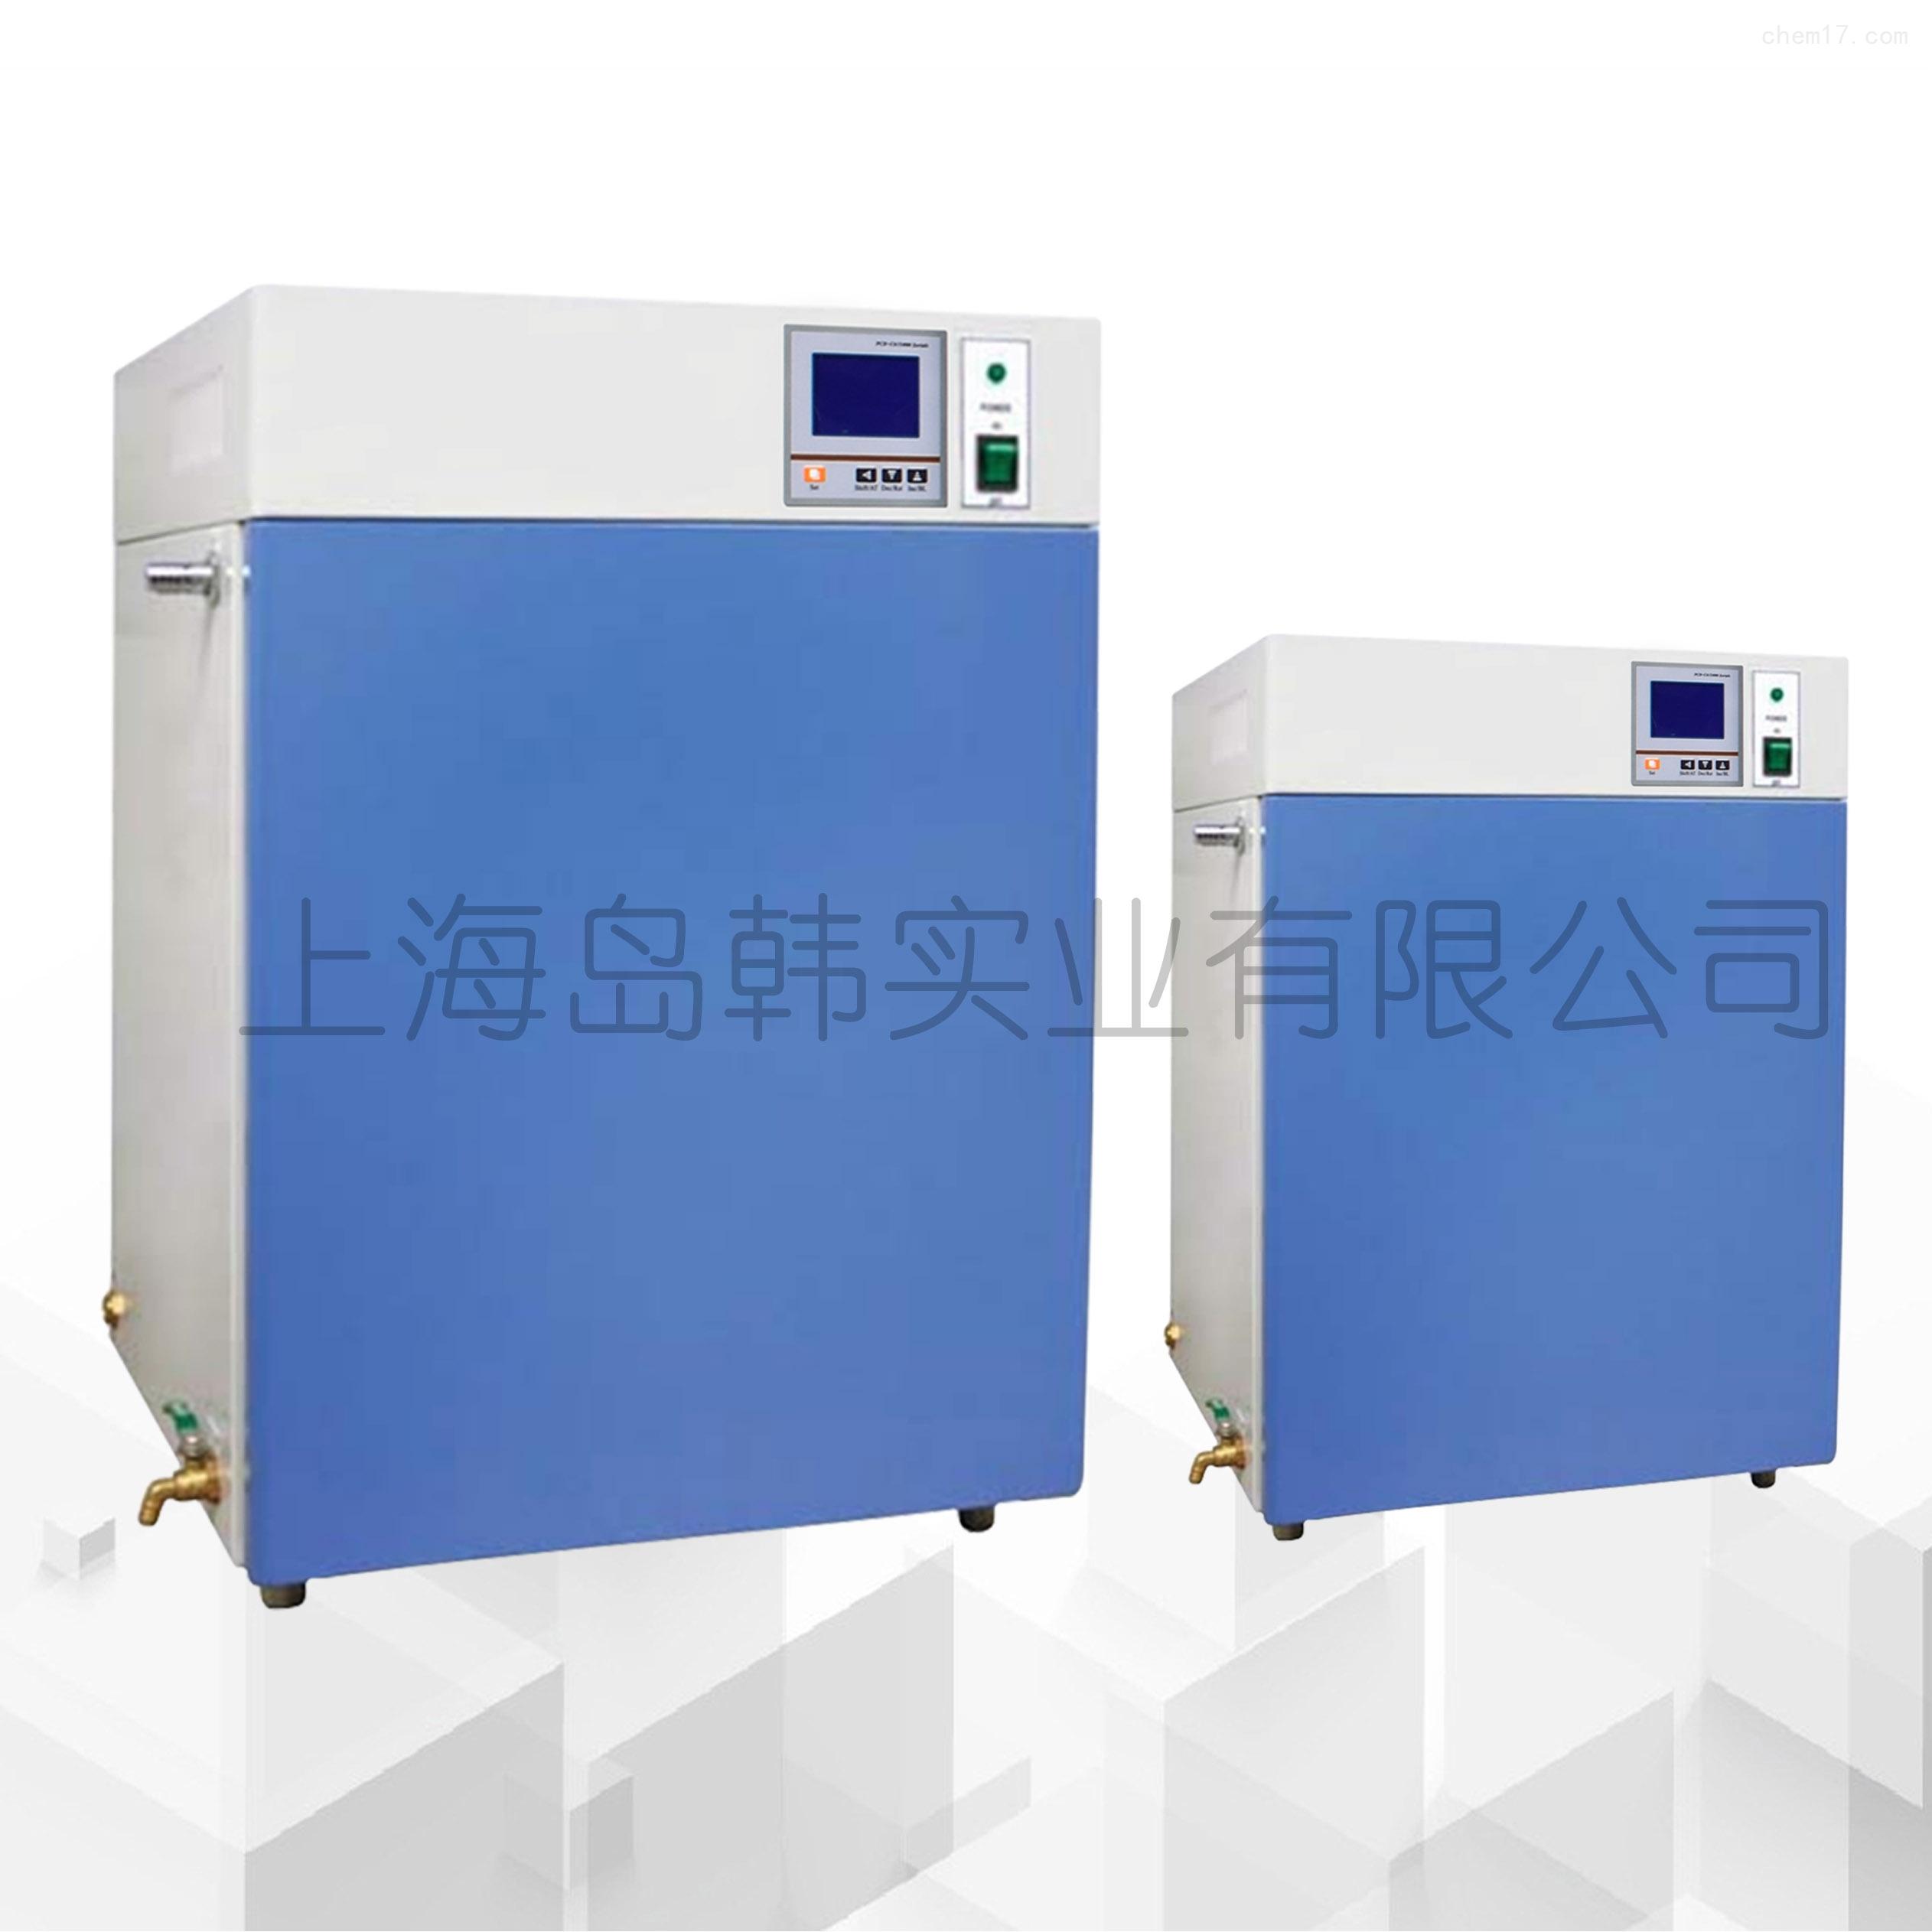 隔水式培养箱电热恒温微生物培养